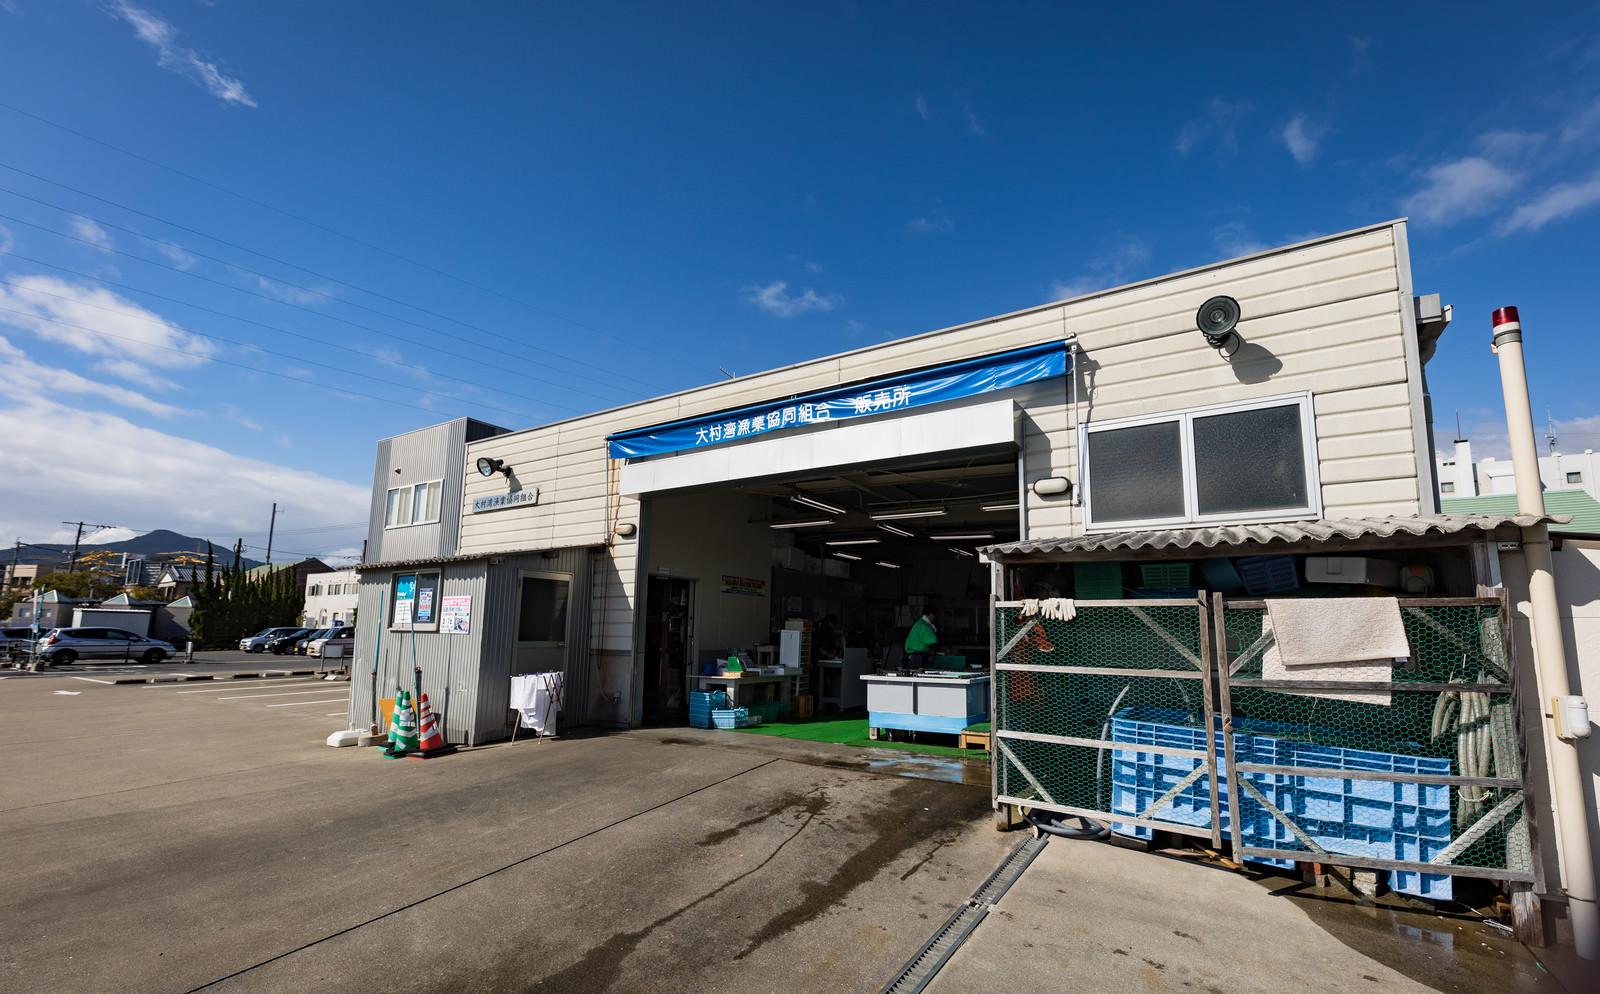 「大村湾漁業組合販売所の入り口 | 写真の無料素材・フリー素材 - ぱくたそ」の写真